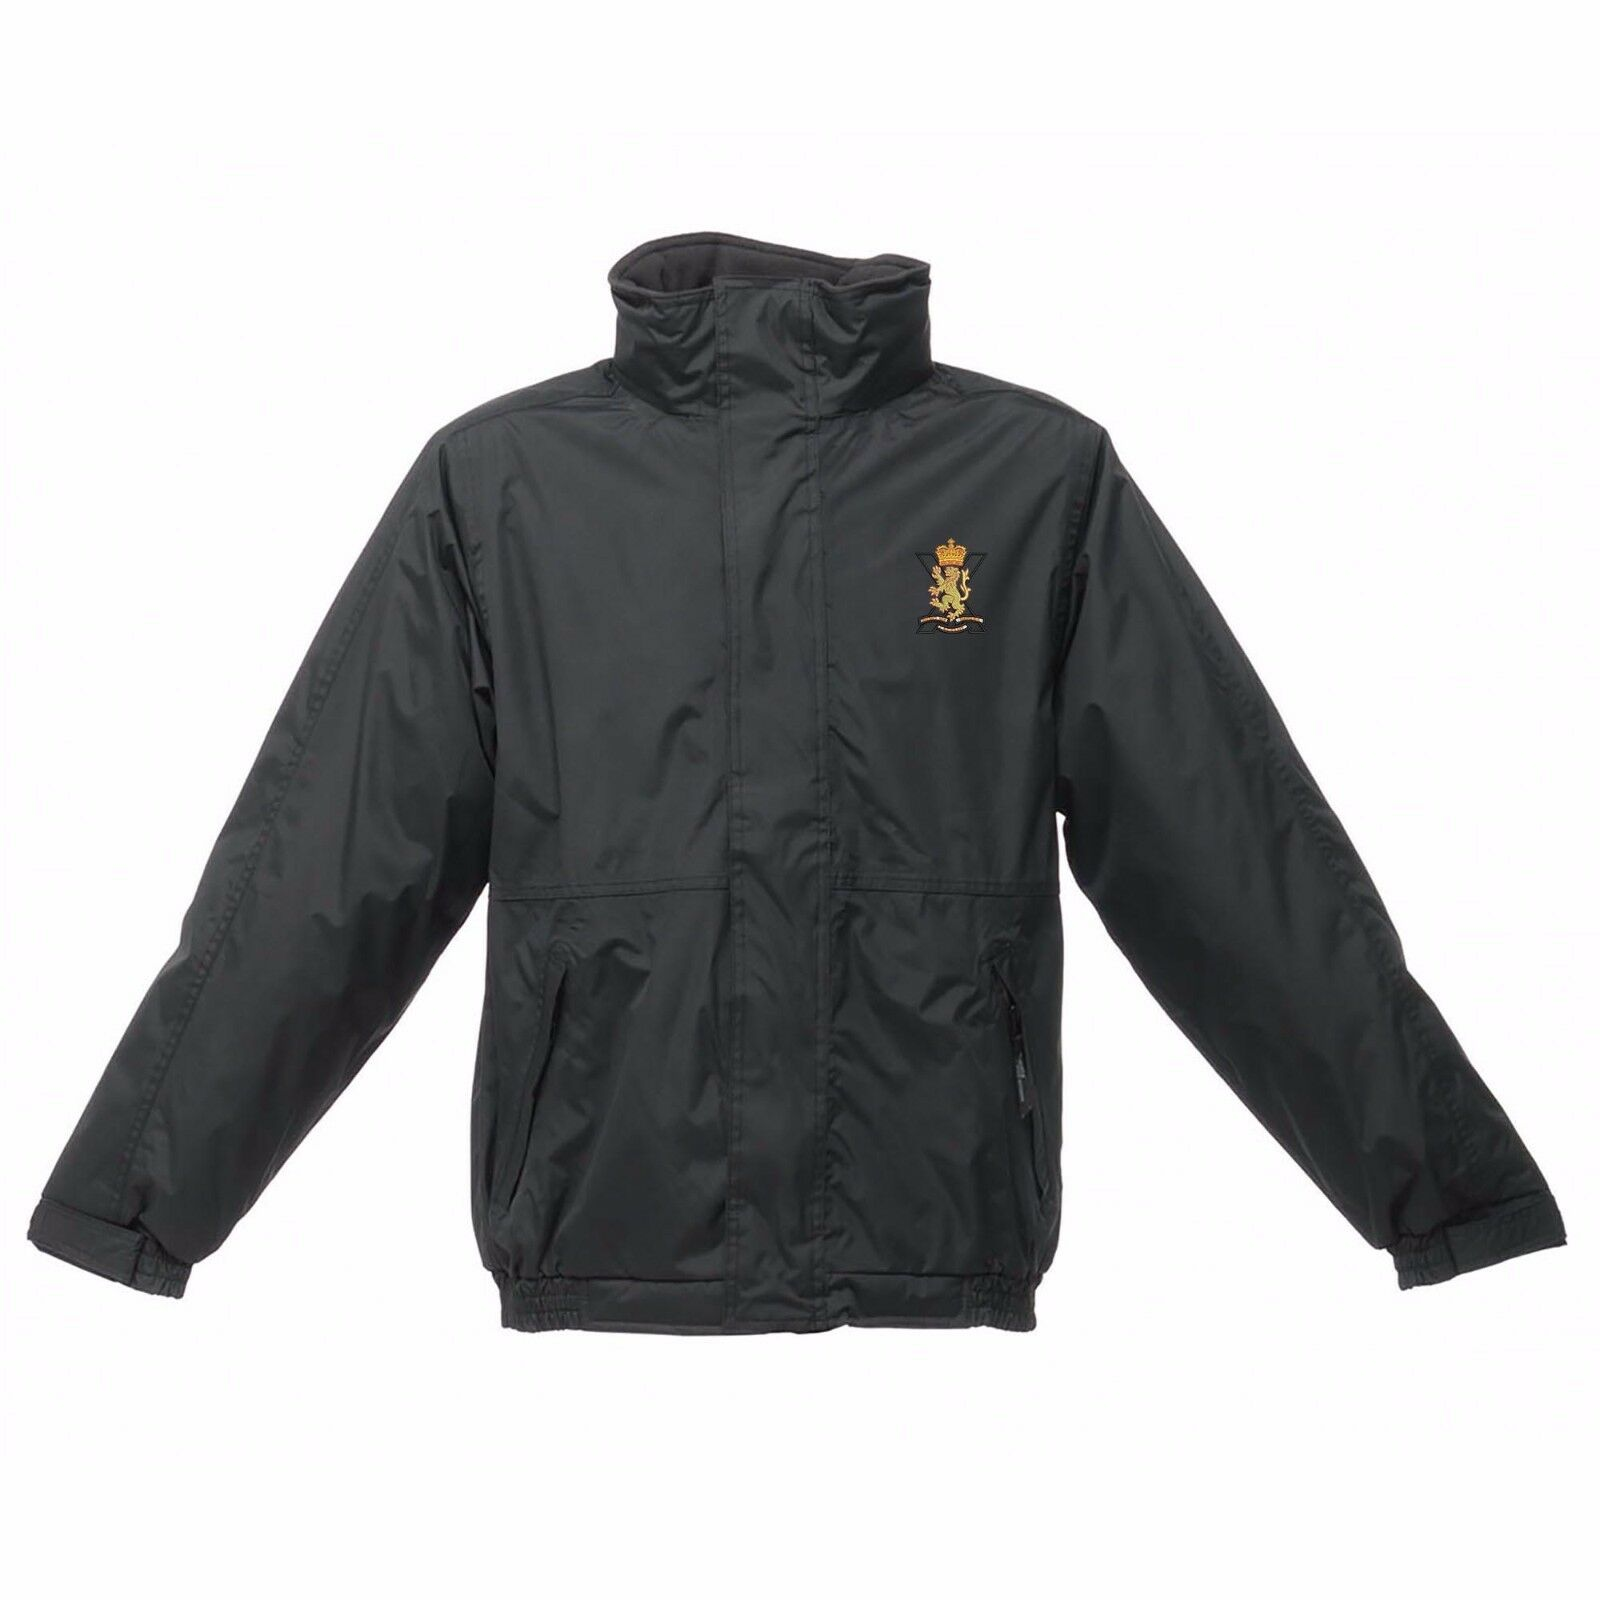 Royal regiHommes t of scotland veste Imperméable Imperméable veste REGATTA Doublure Polaire 85d01f